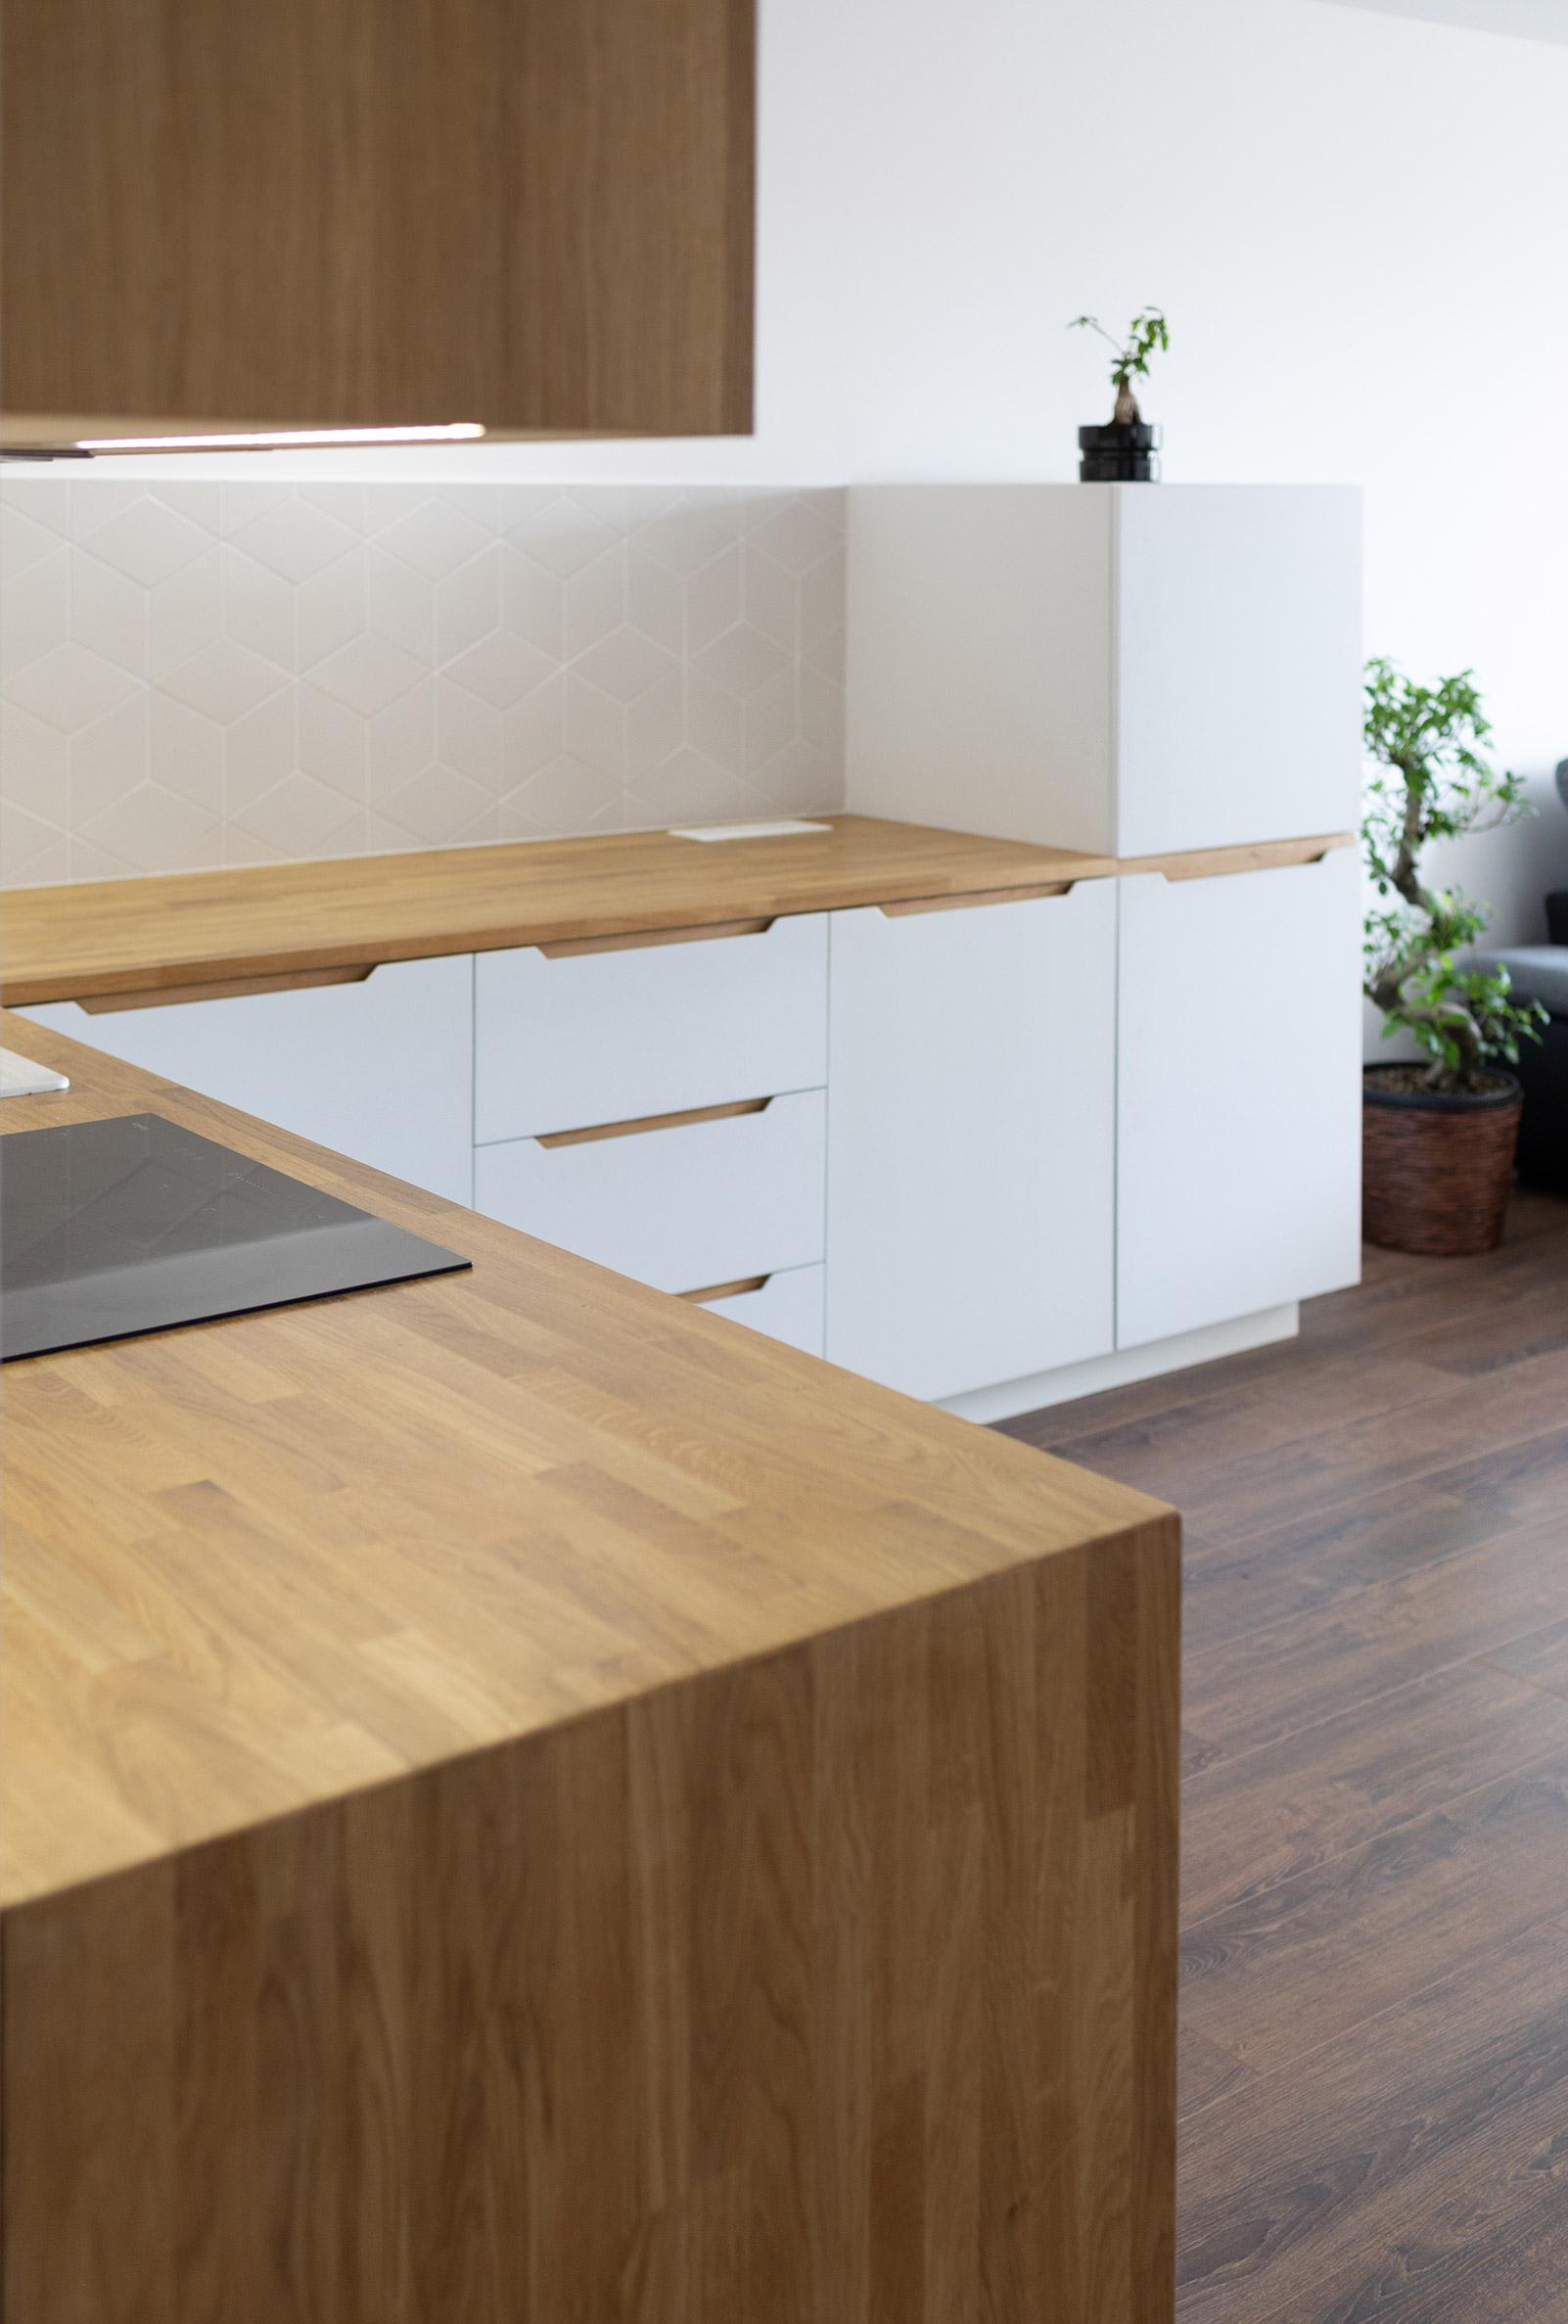 Rohová kuchyňa s lakovanými dvierkami na mieru